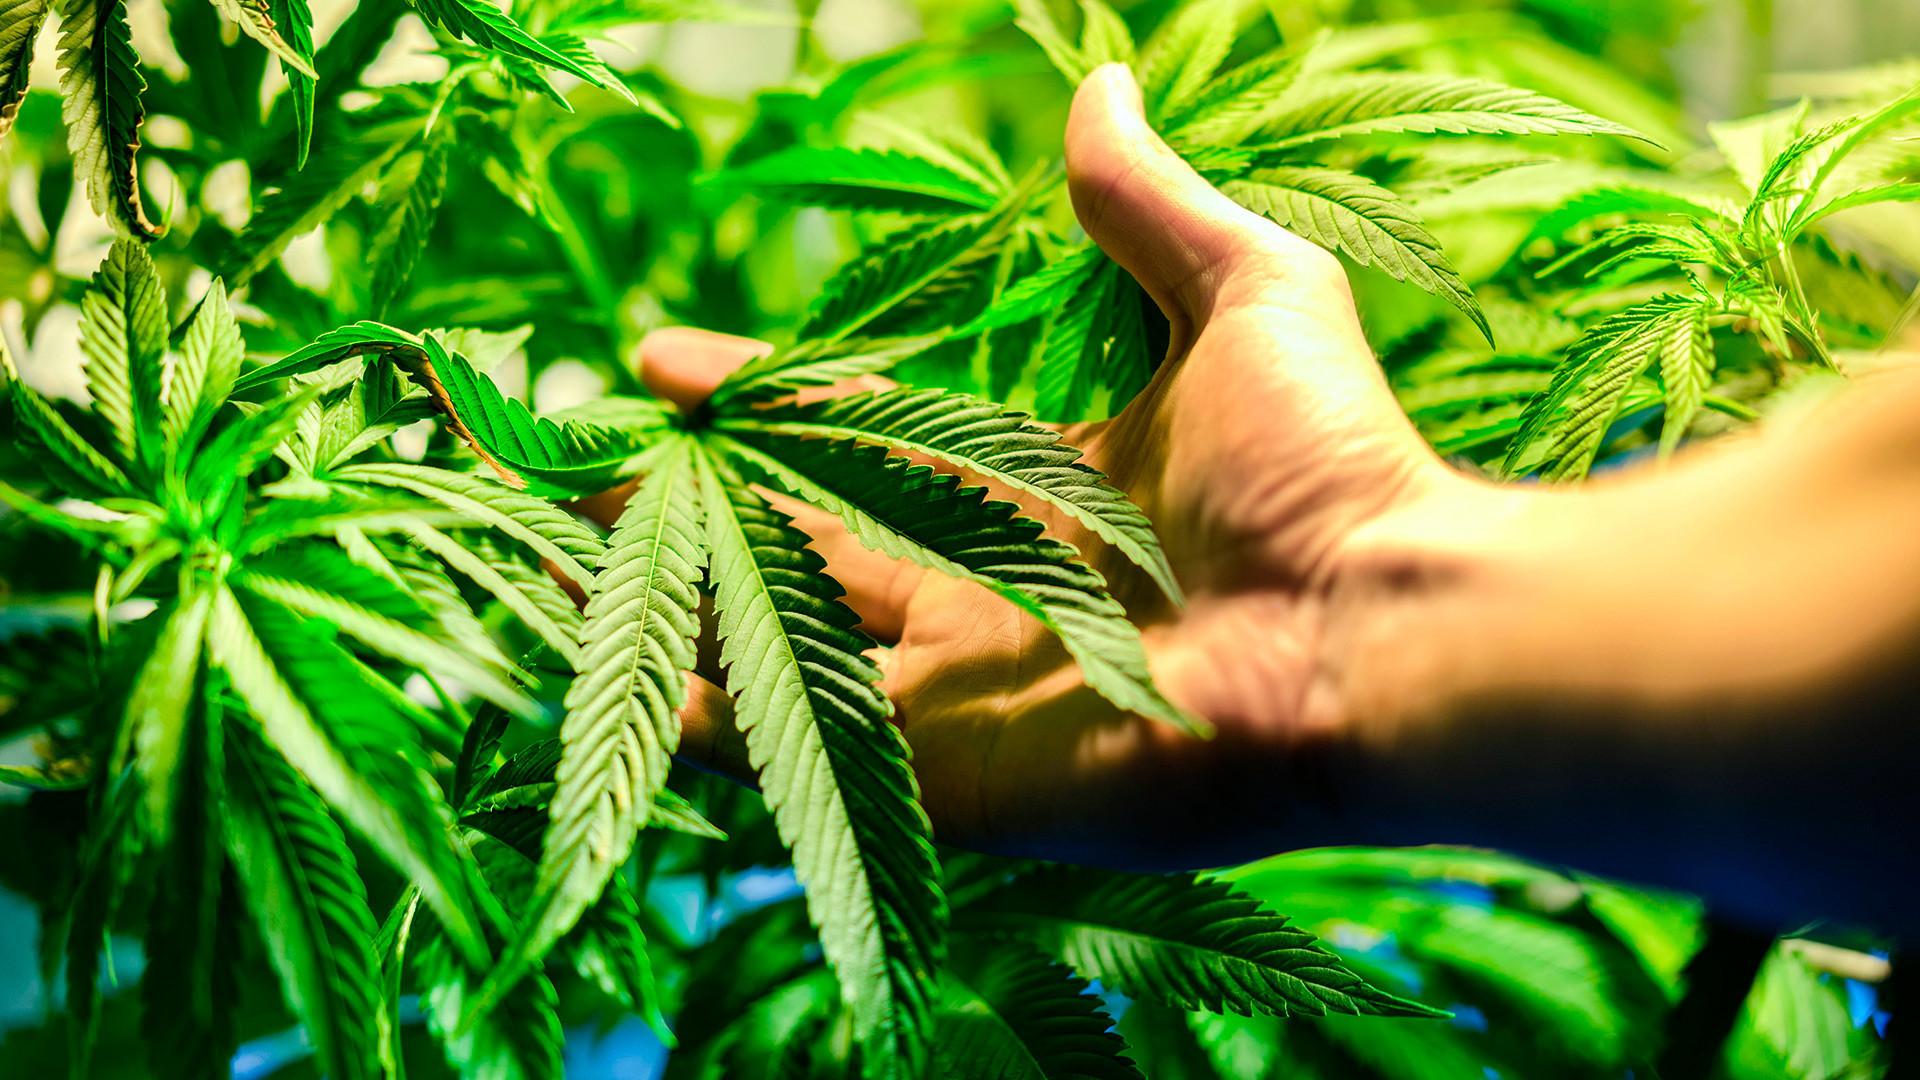 Saat ini, hukum pidana Rusia melarang produksi, transportasi, penyimpanan, dan penggunaan mariyuana